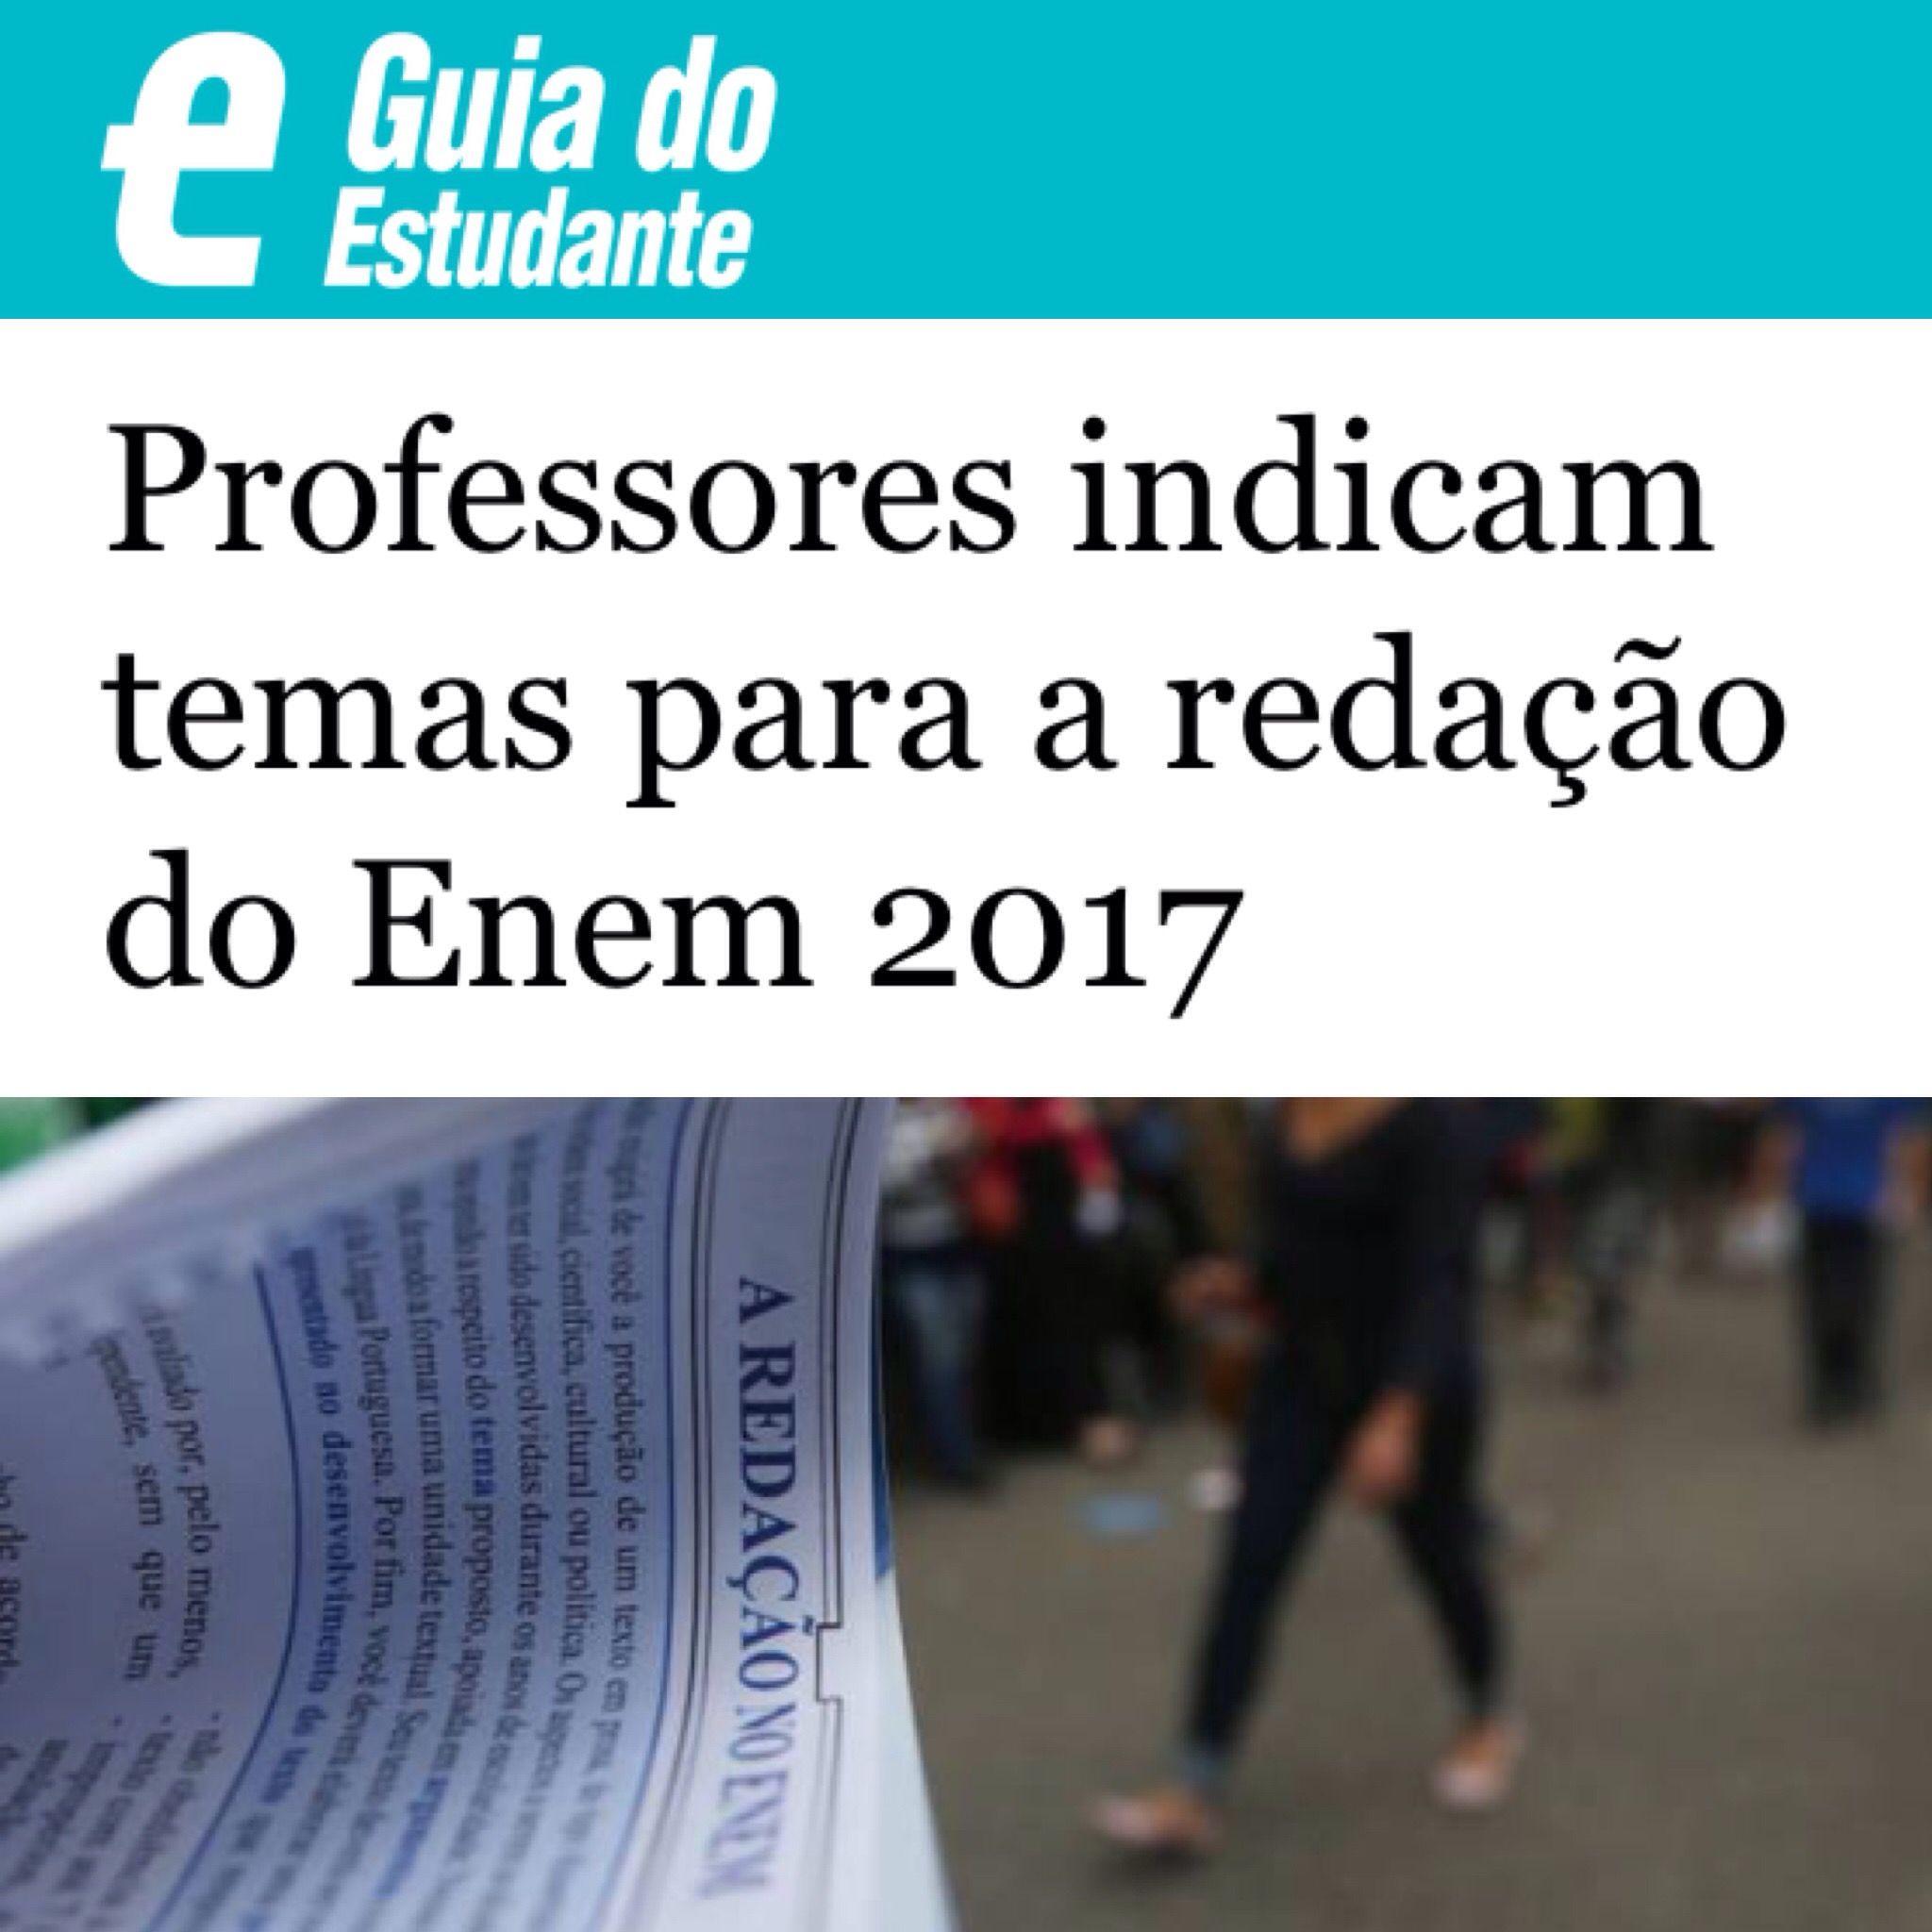 Guia do Estudante – Professores indicam temas para a redação do Enem 2017